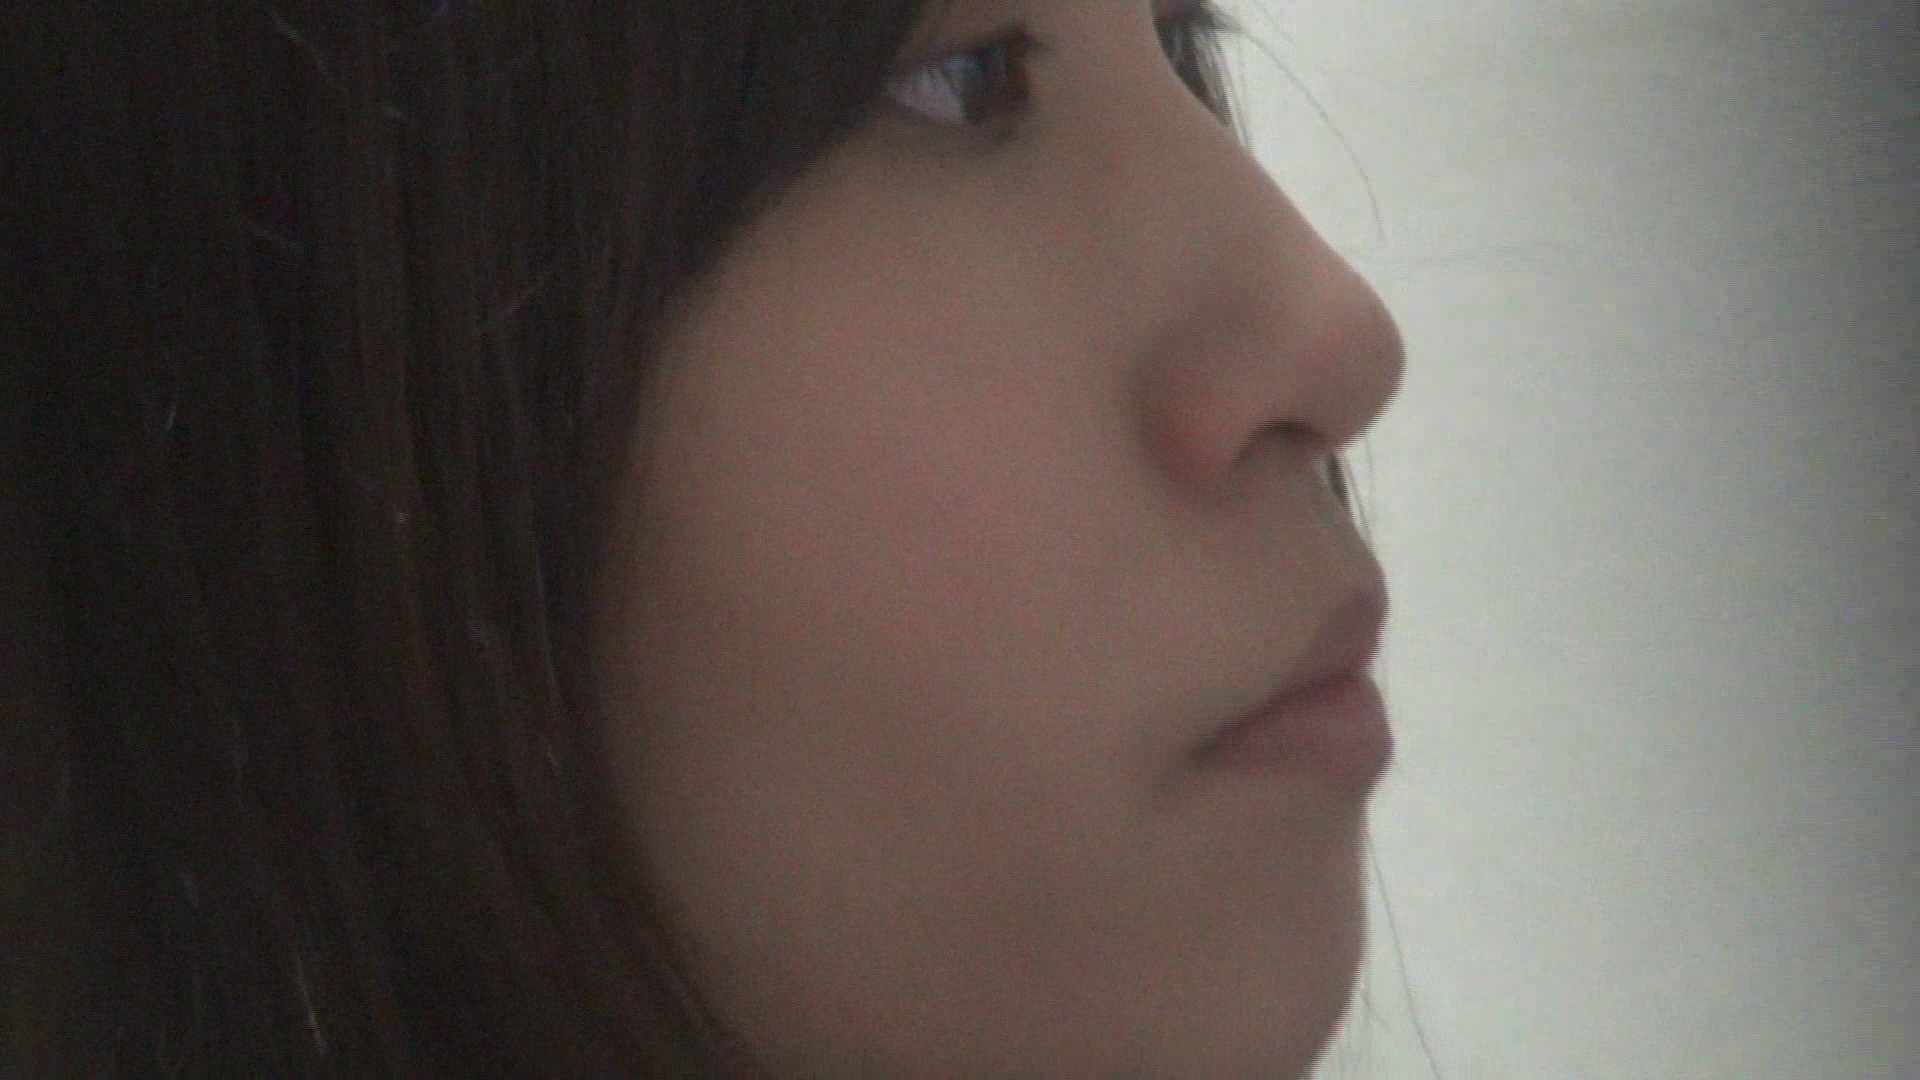 【05】仕事が忙しくて・・・久しぶりにベランダで待ち伏せ 熟女 SEX無修正画像 89PIX 83